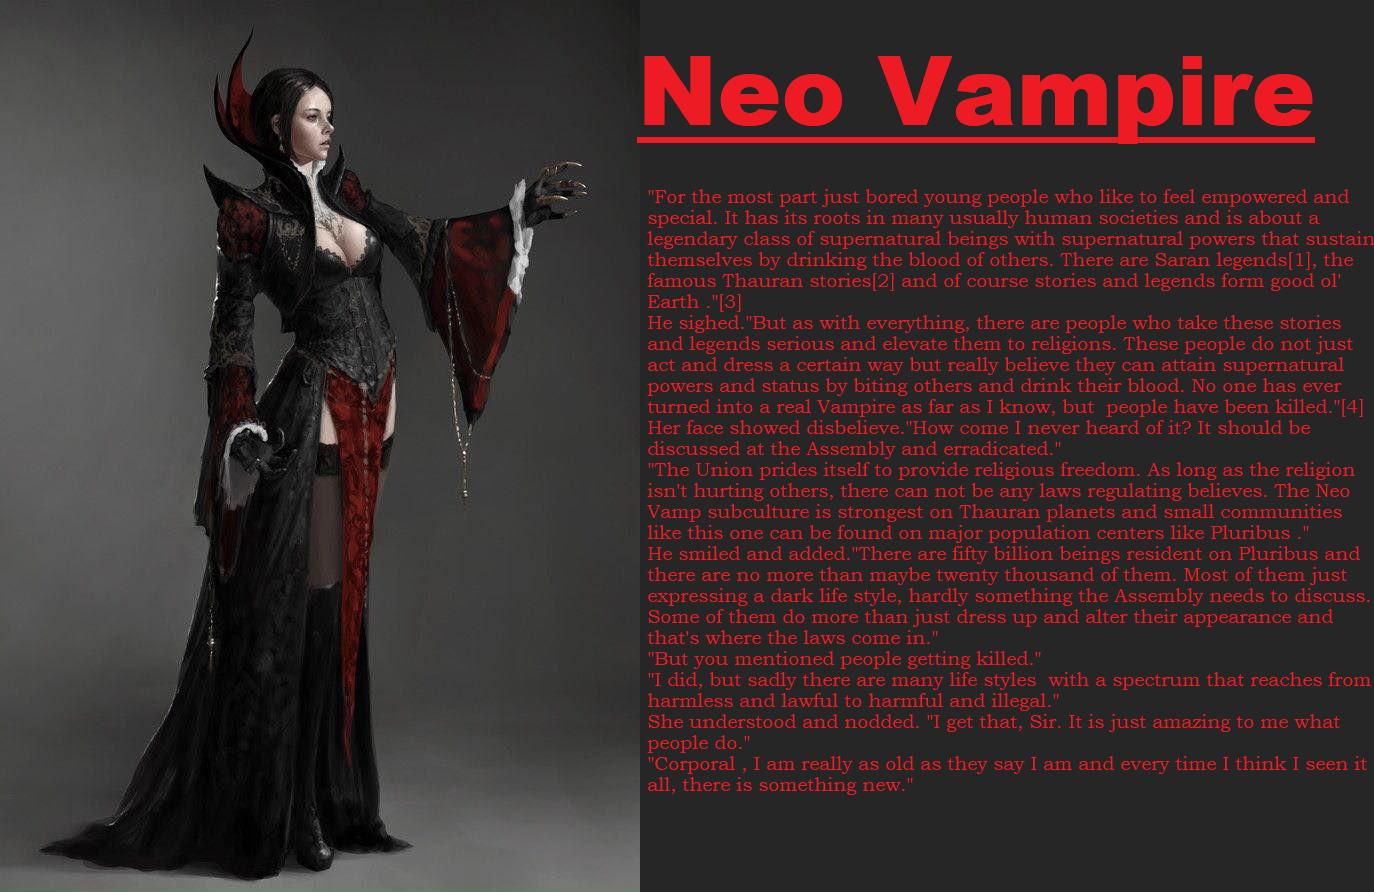 Neo Vampire